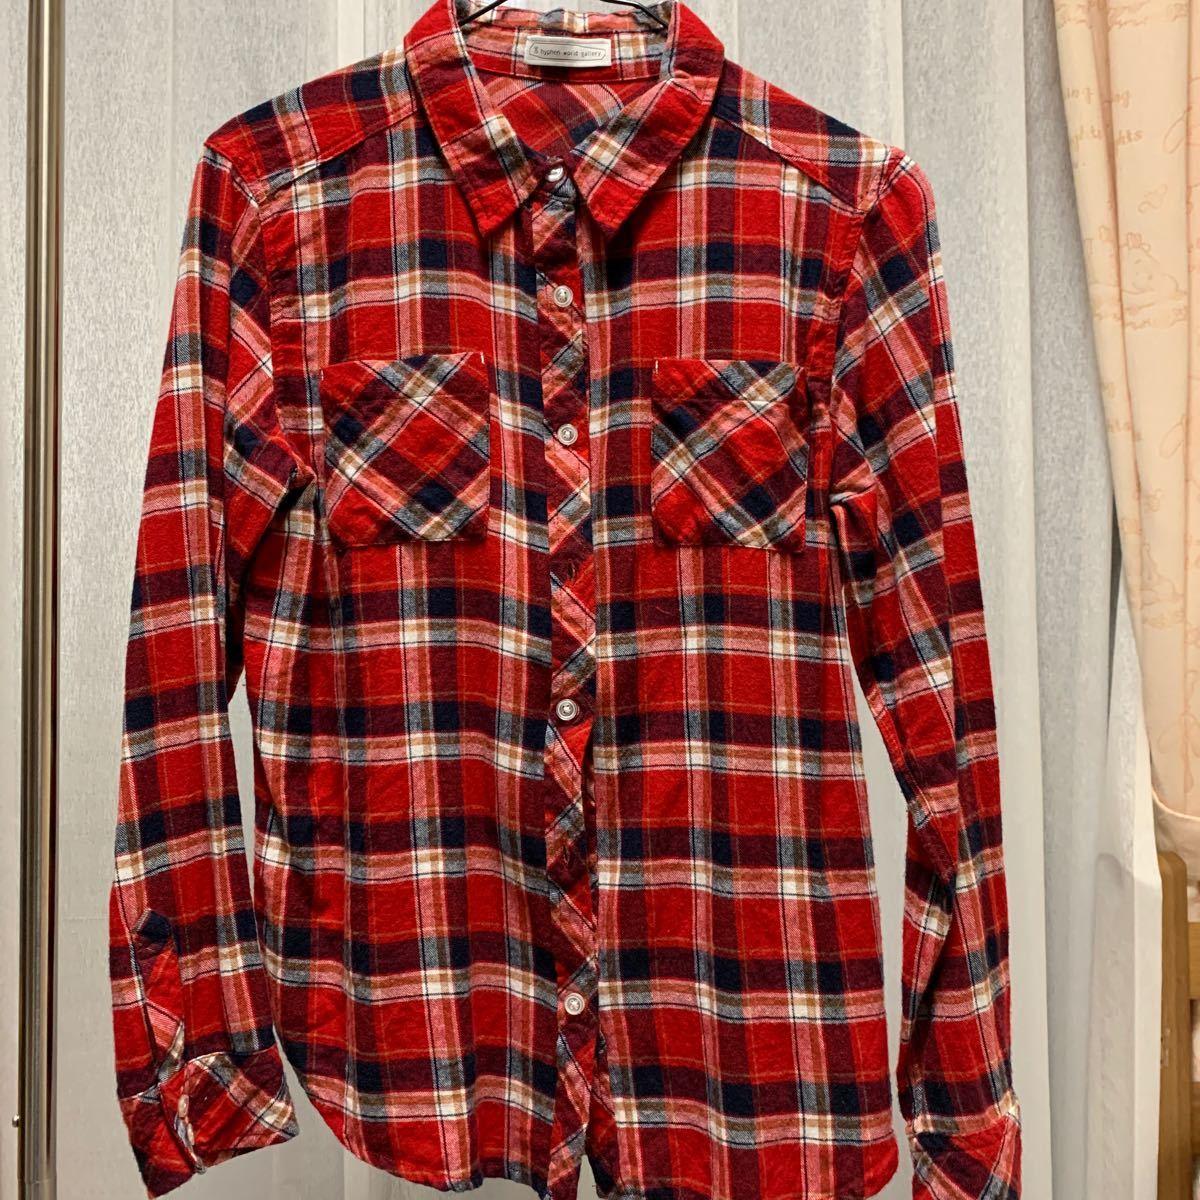 ネルシャツ チェックシャツ チェック柄 長袖シャツ